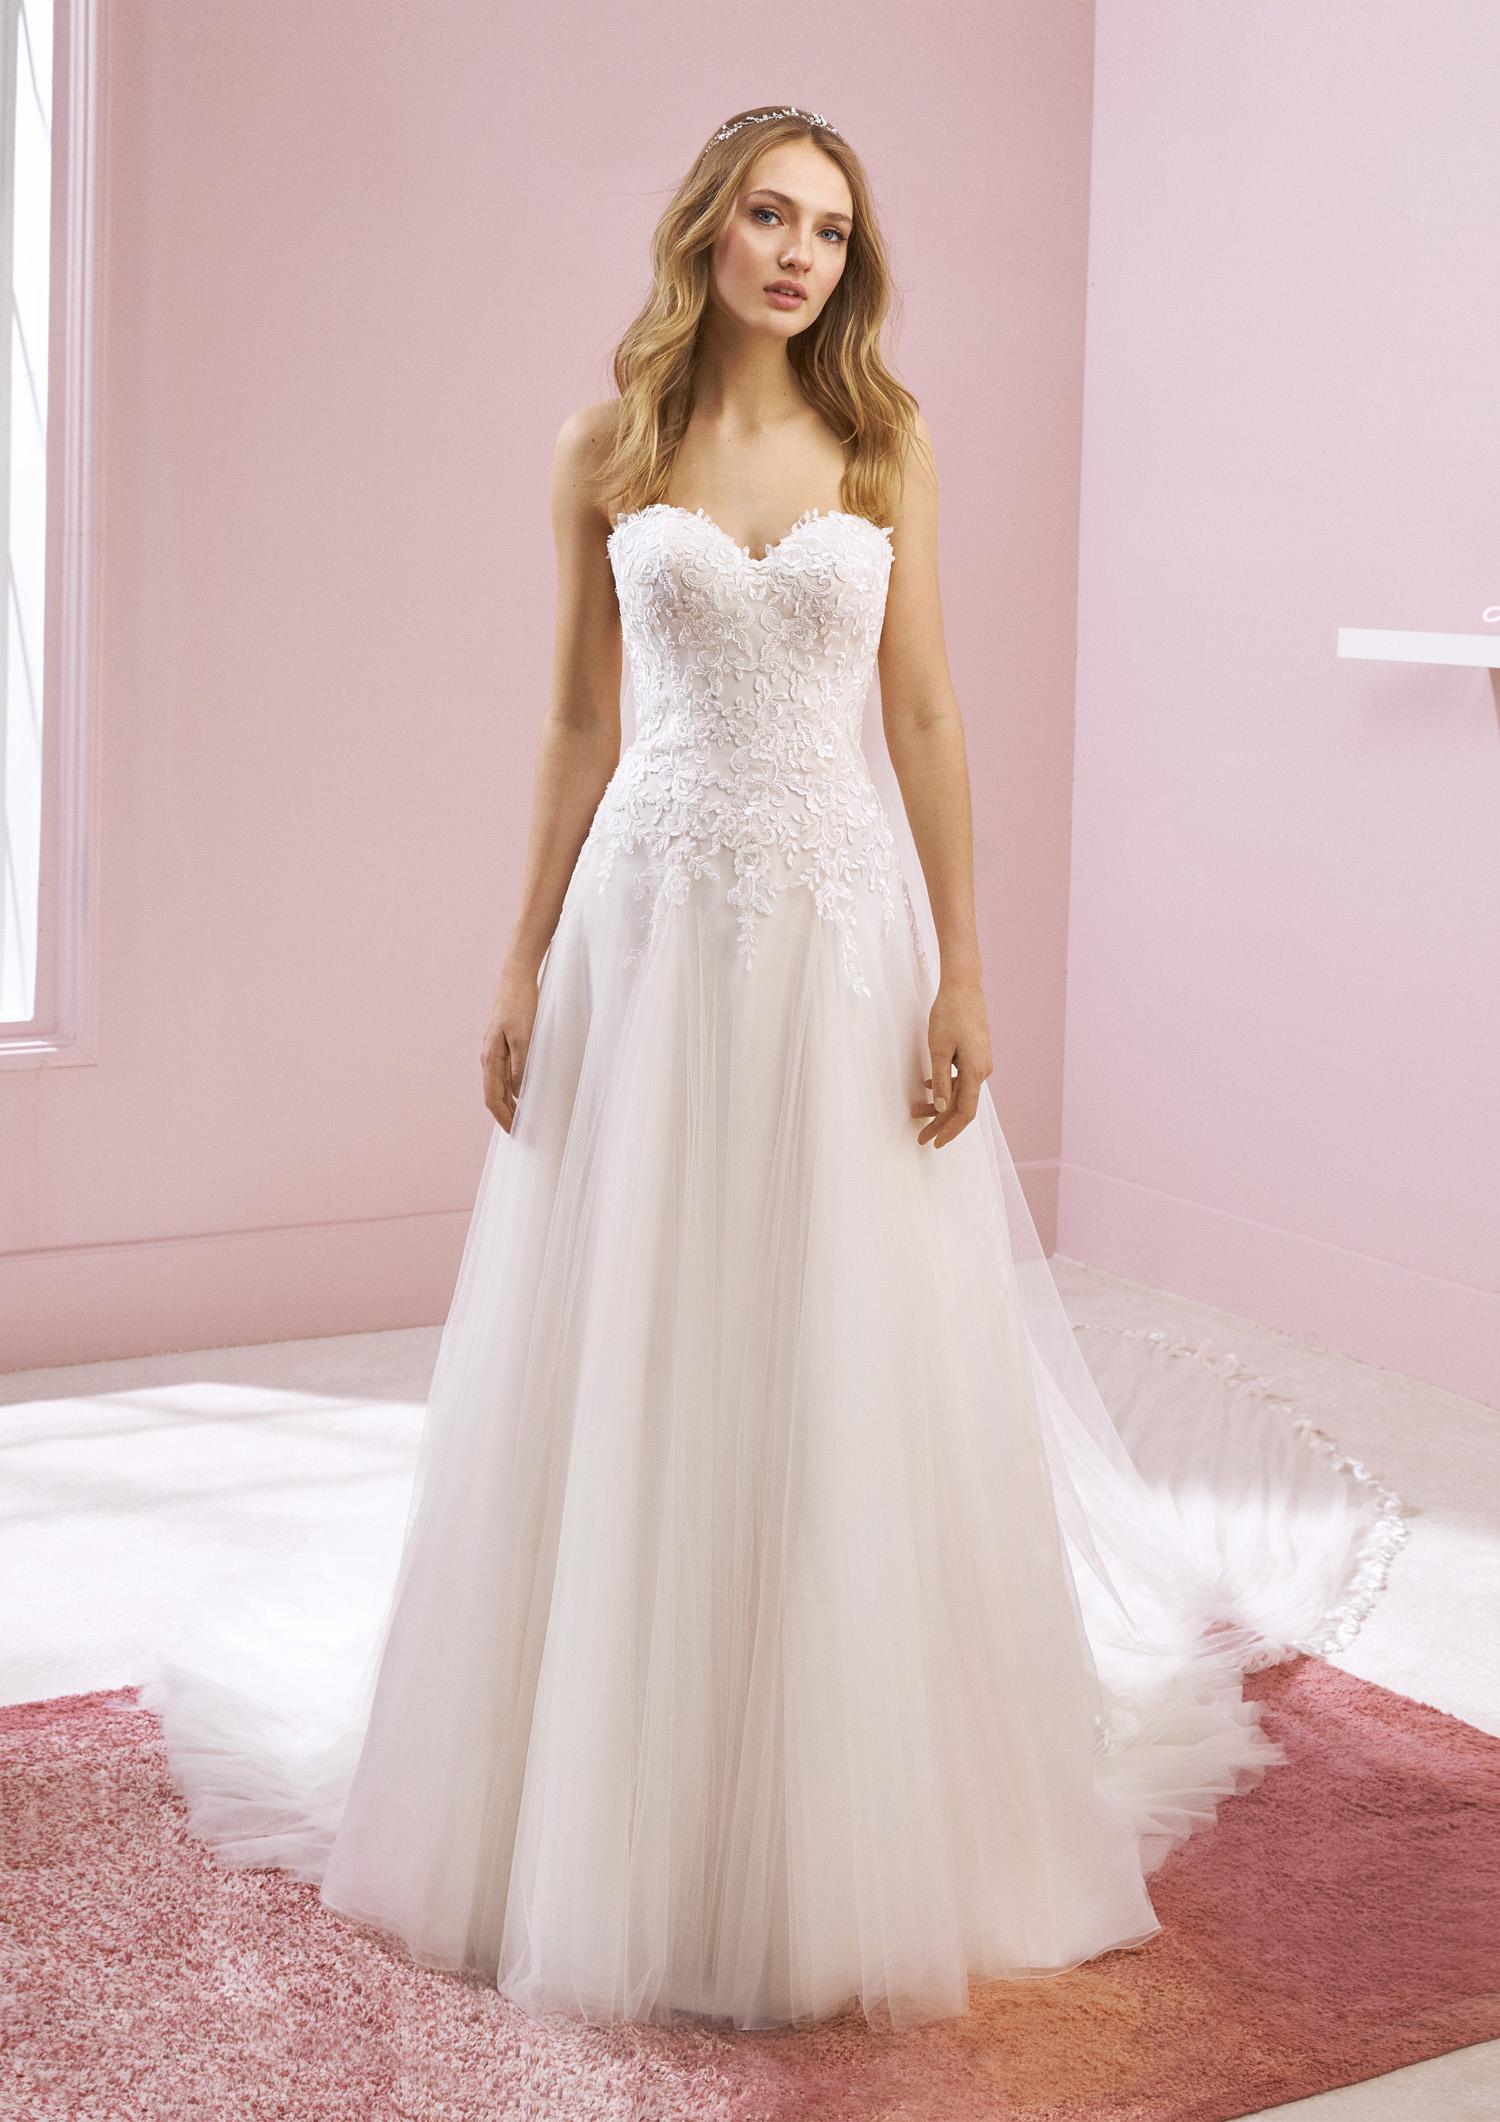 Vestiti Eleganti Vicenza.Abito Da Sposa Poeme 2020 Kelsey Mariages It Abiti Sposa E